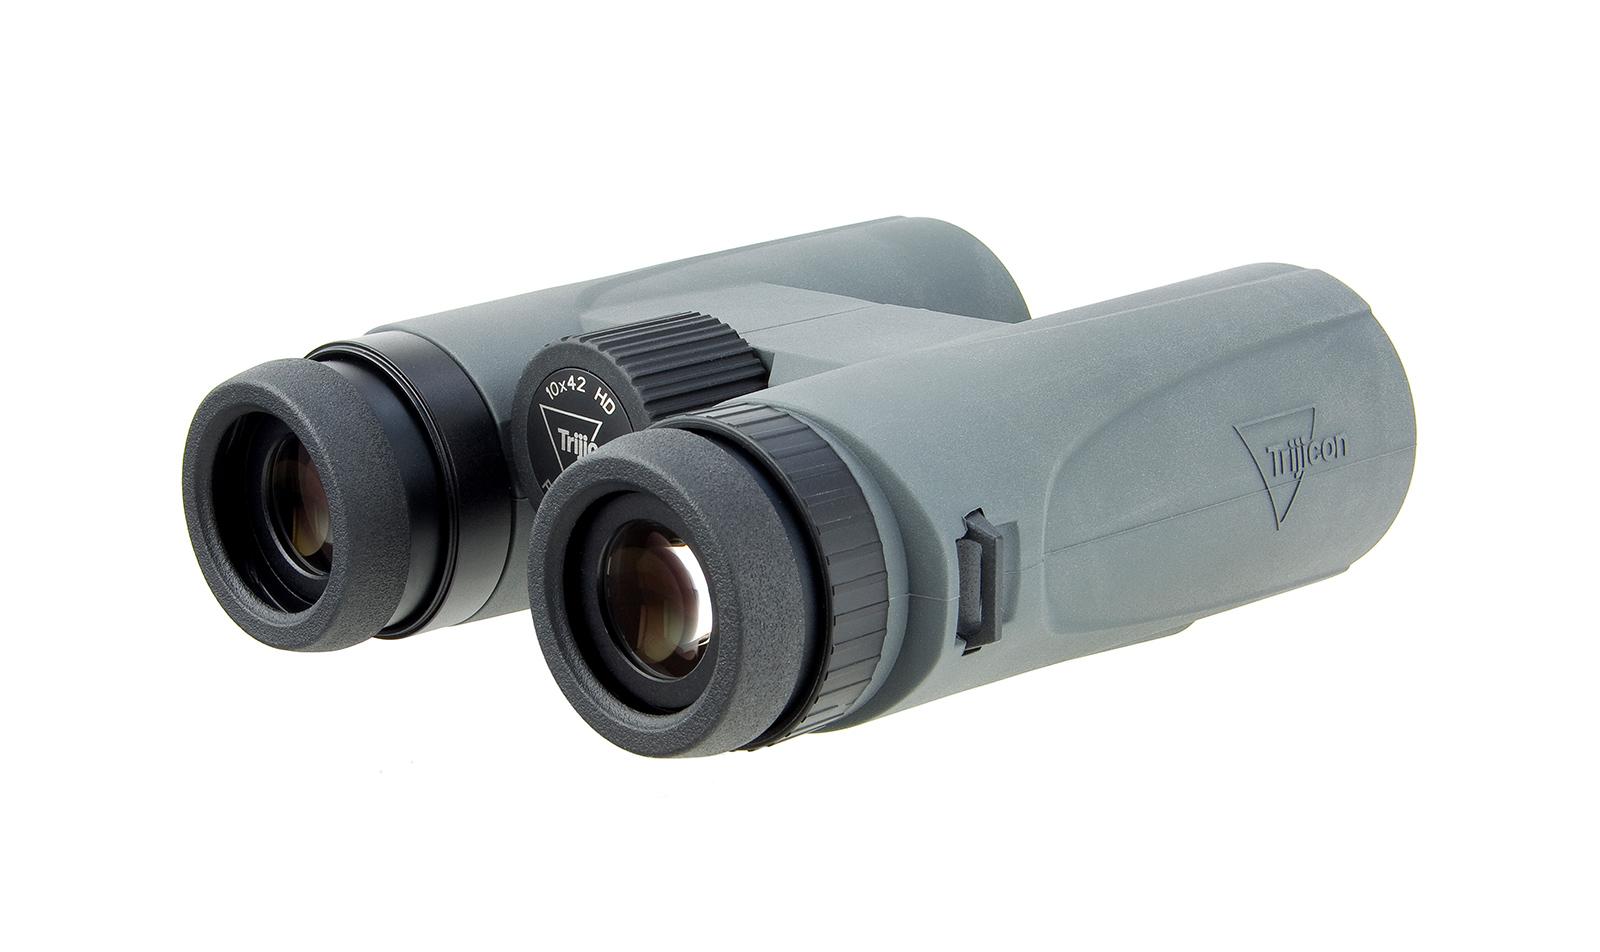 TBN02-C-2000001 angle 3